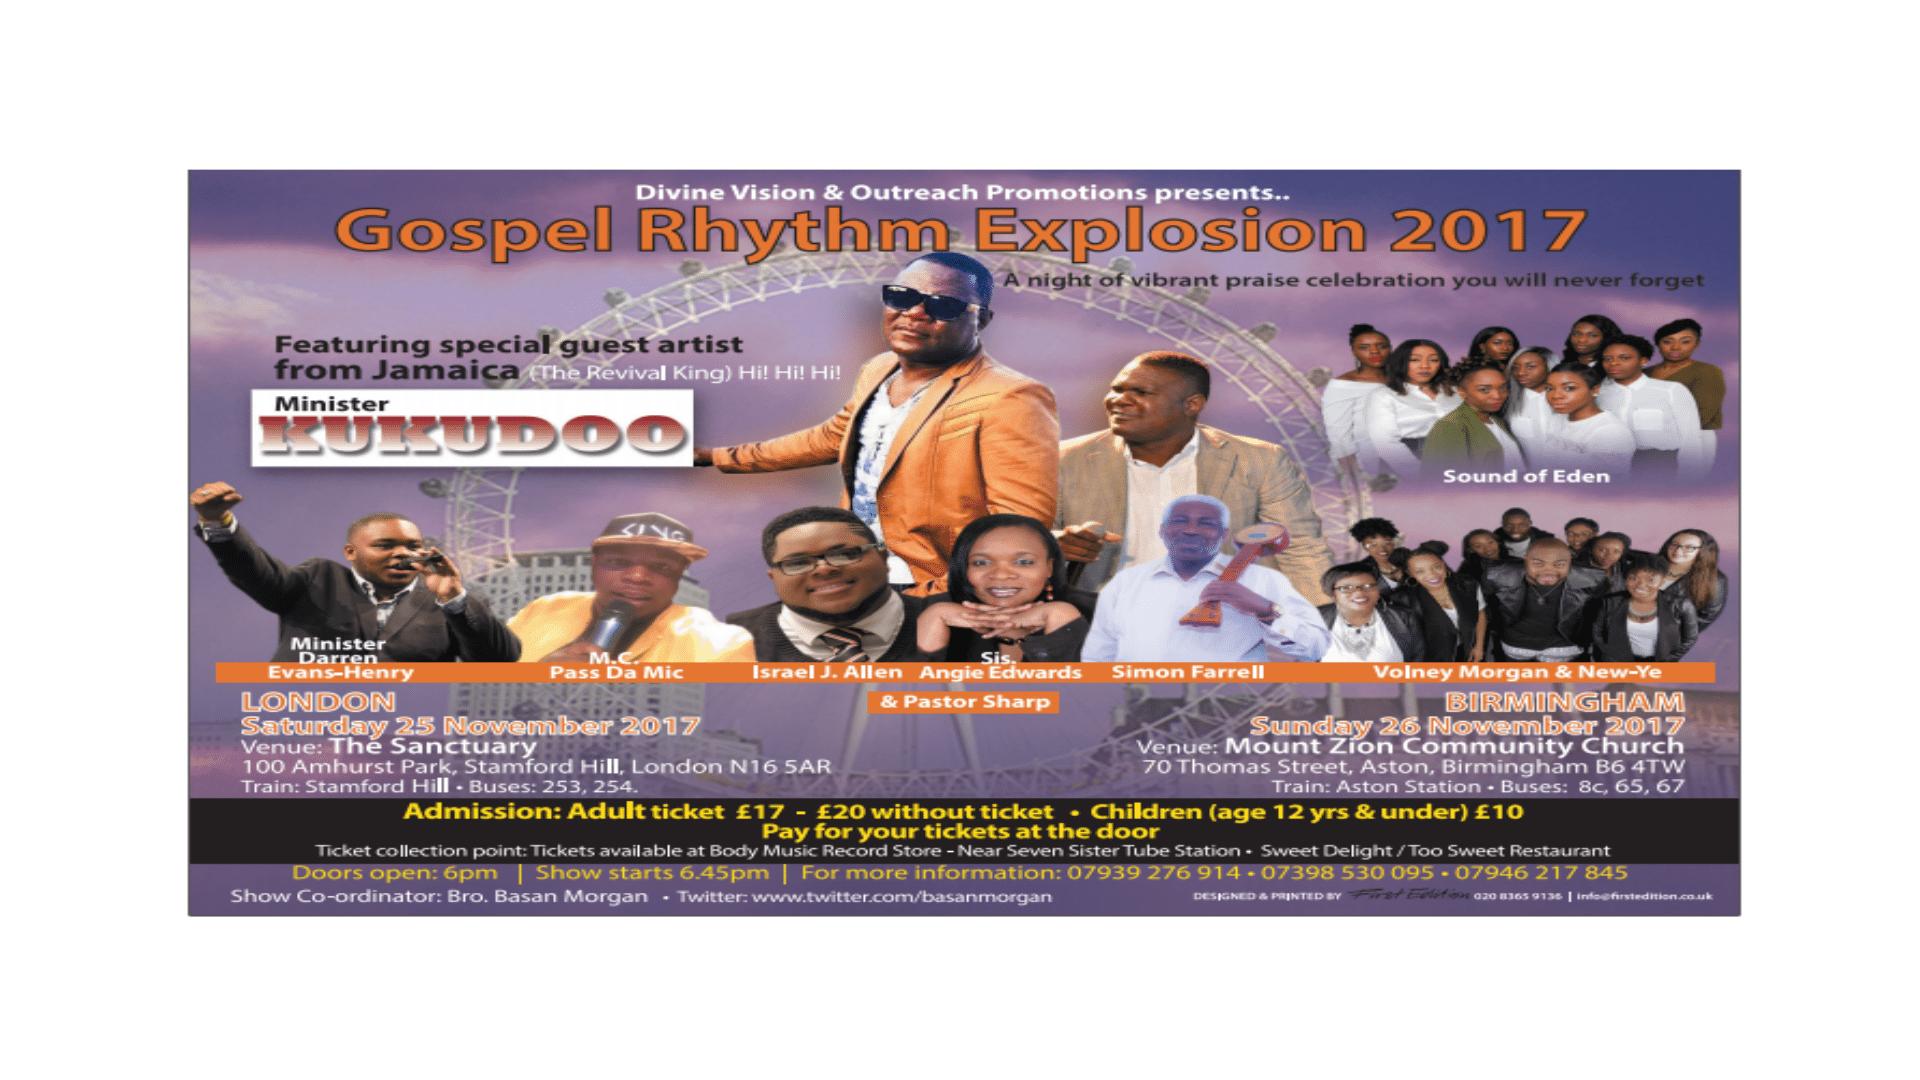 Gospel Rhythm Explosion 2017 | Blacknet UK